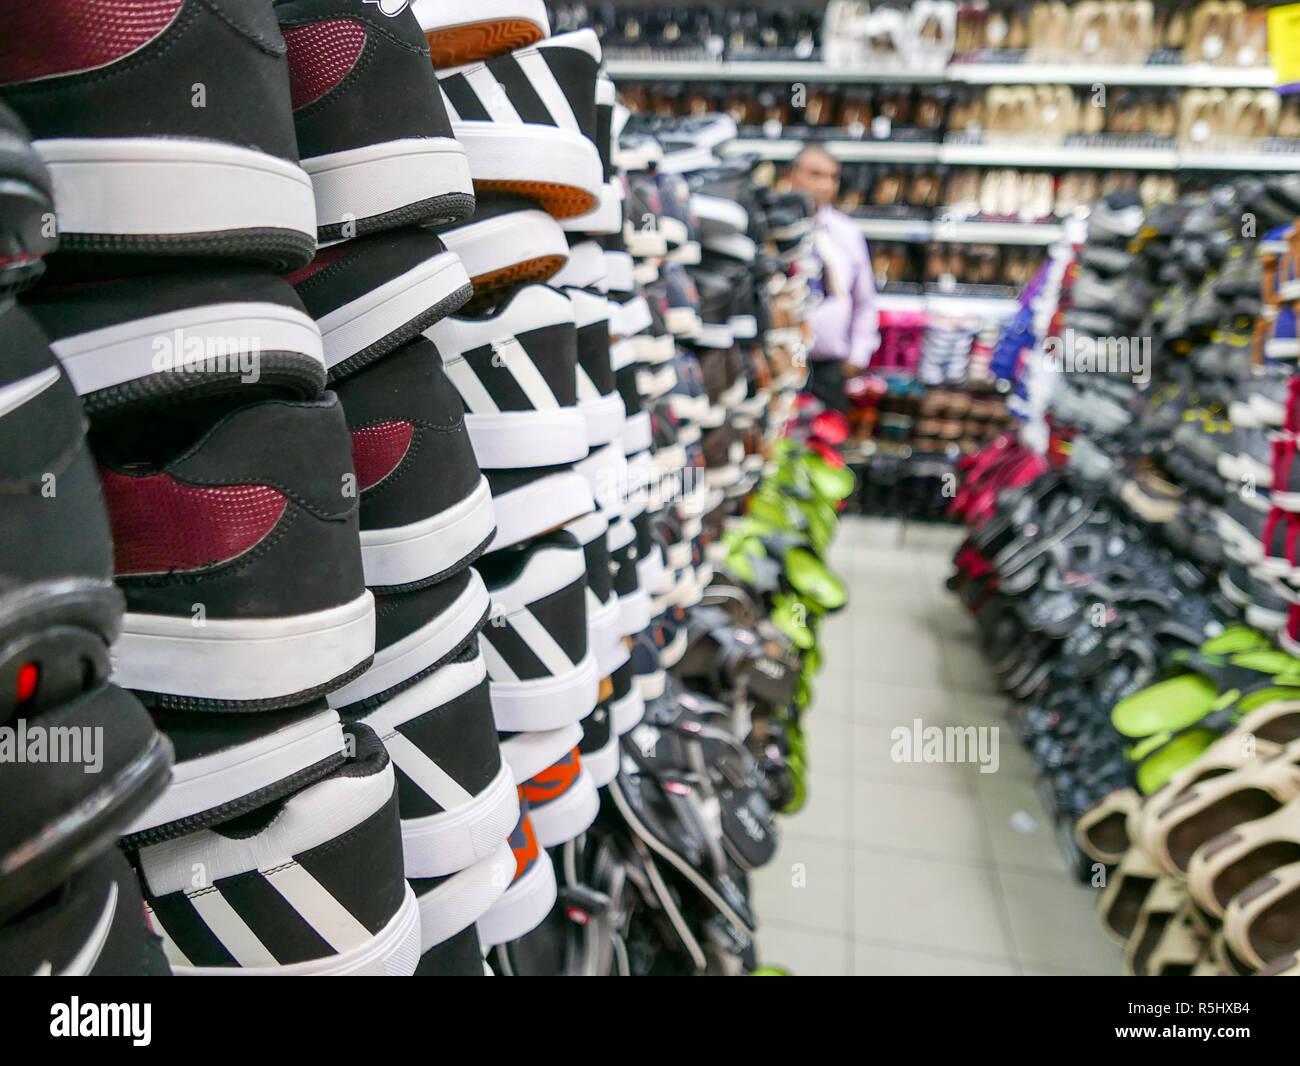 49b390a985c8e Colección de calzado deportivo en las estanterías de la tienda